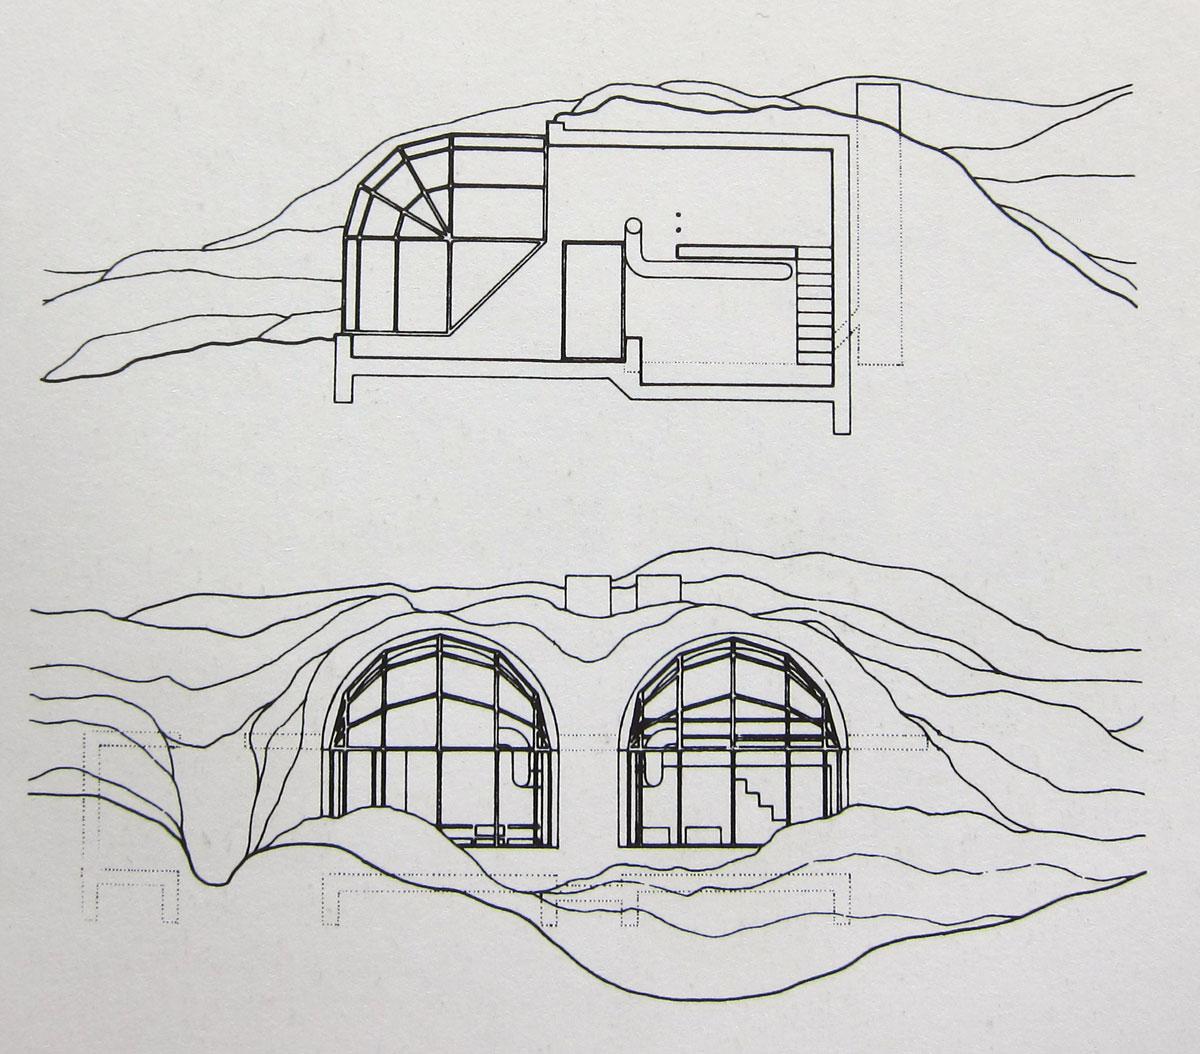 claus bonnerup arkitekt